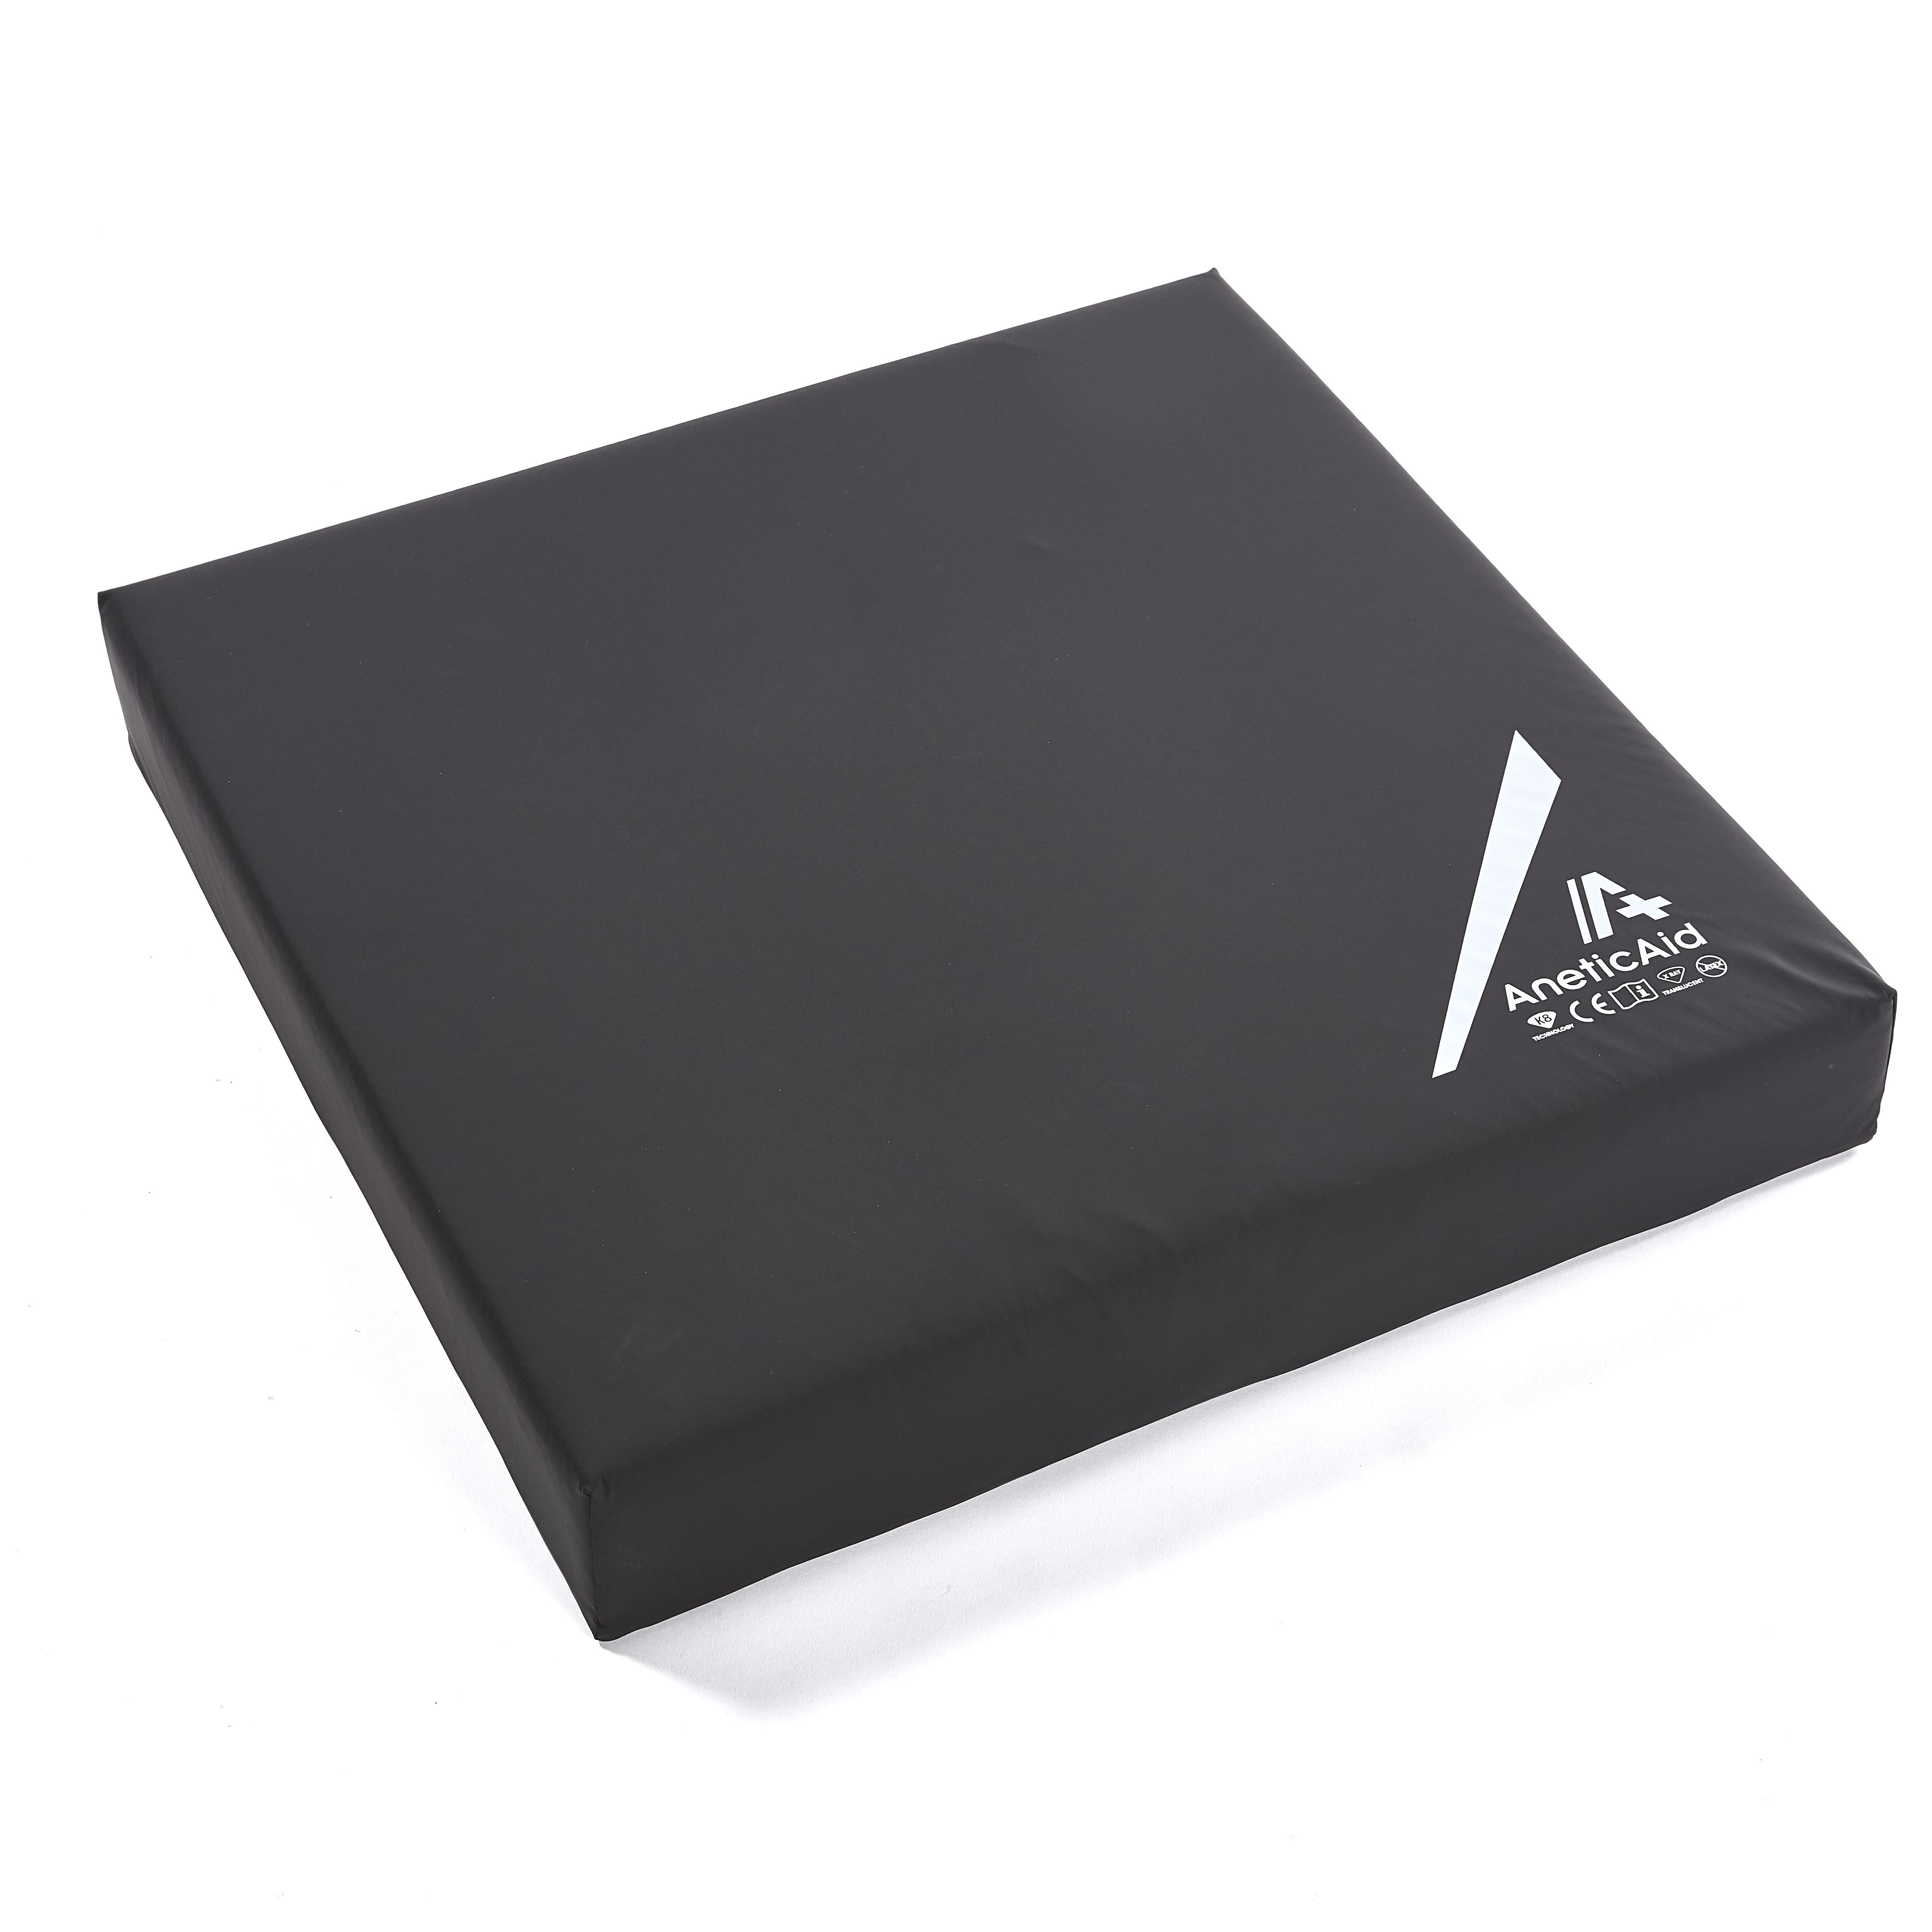 Maquet Alpha / Beta Type K8 Mattress - Leg - 570mm